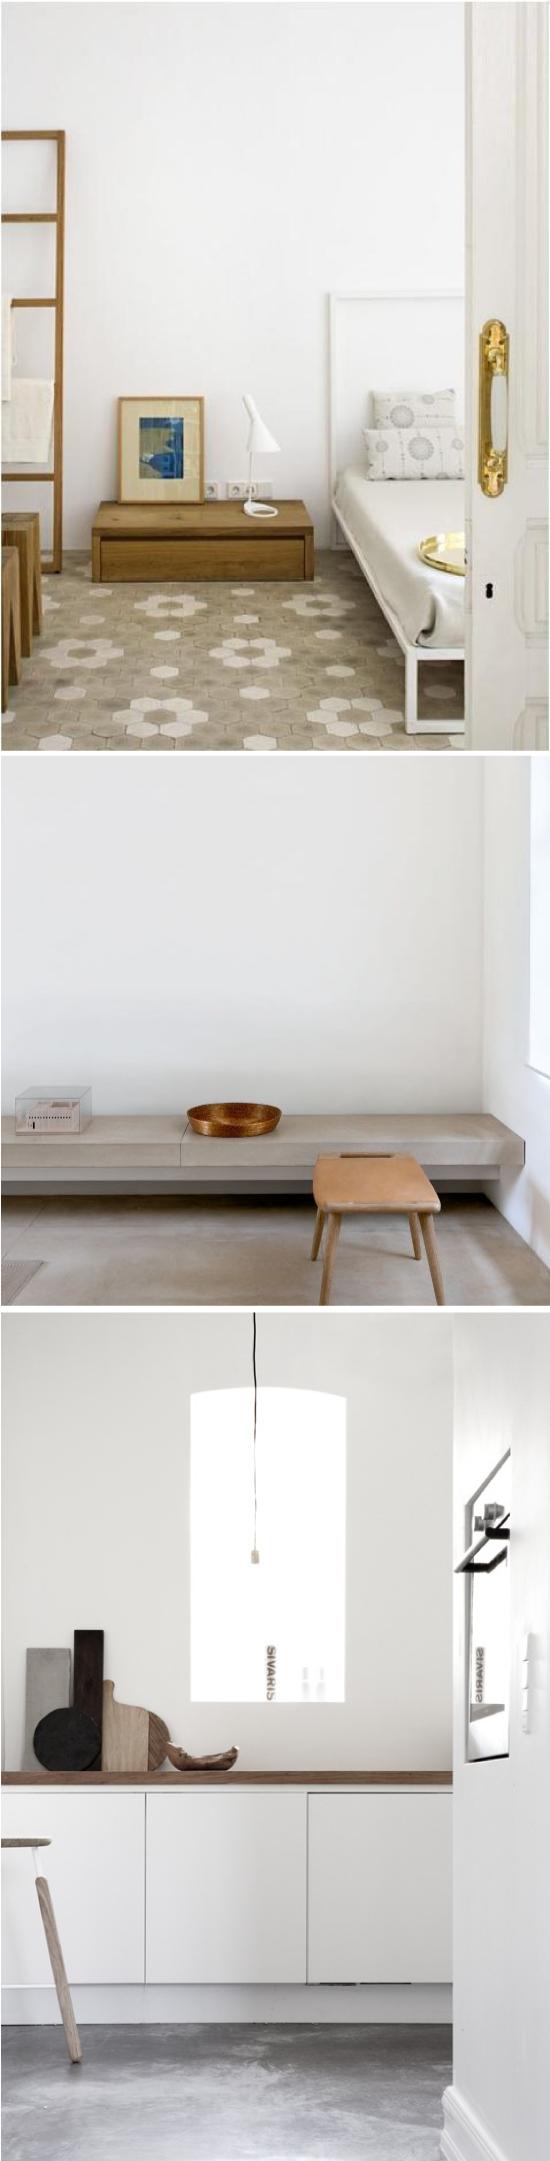 minimalism6.png